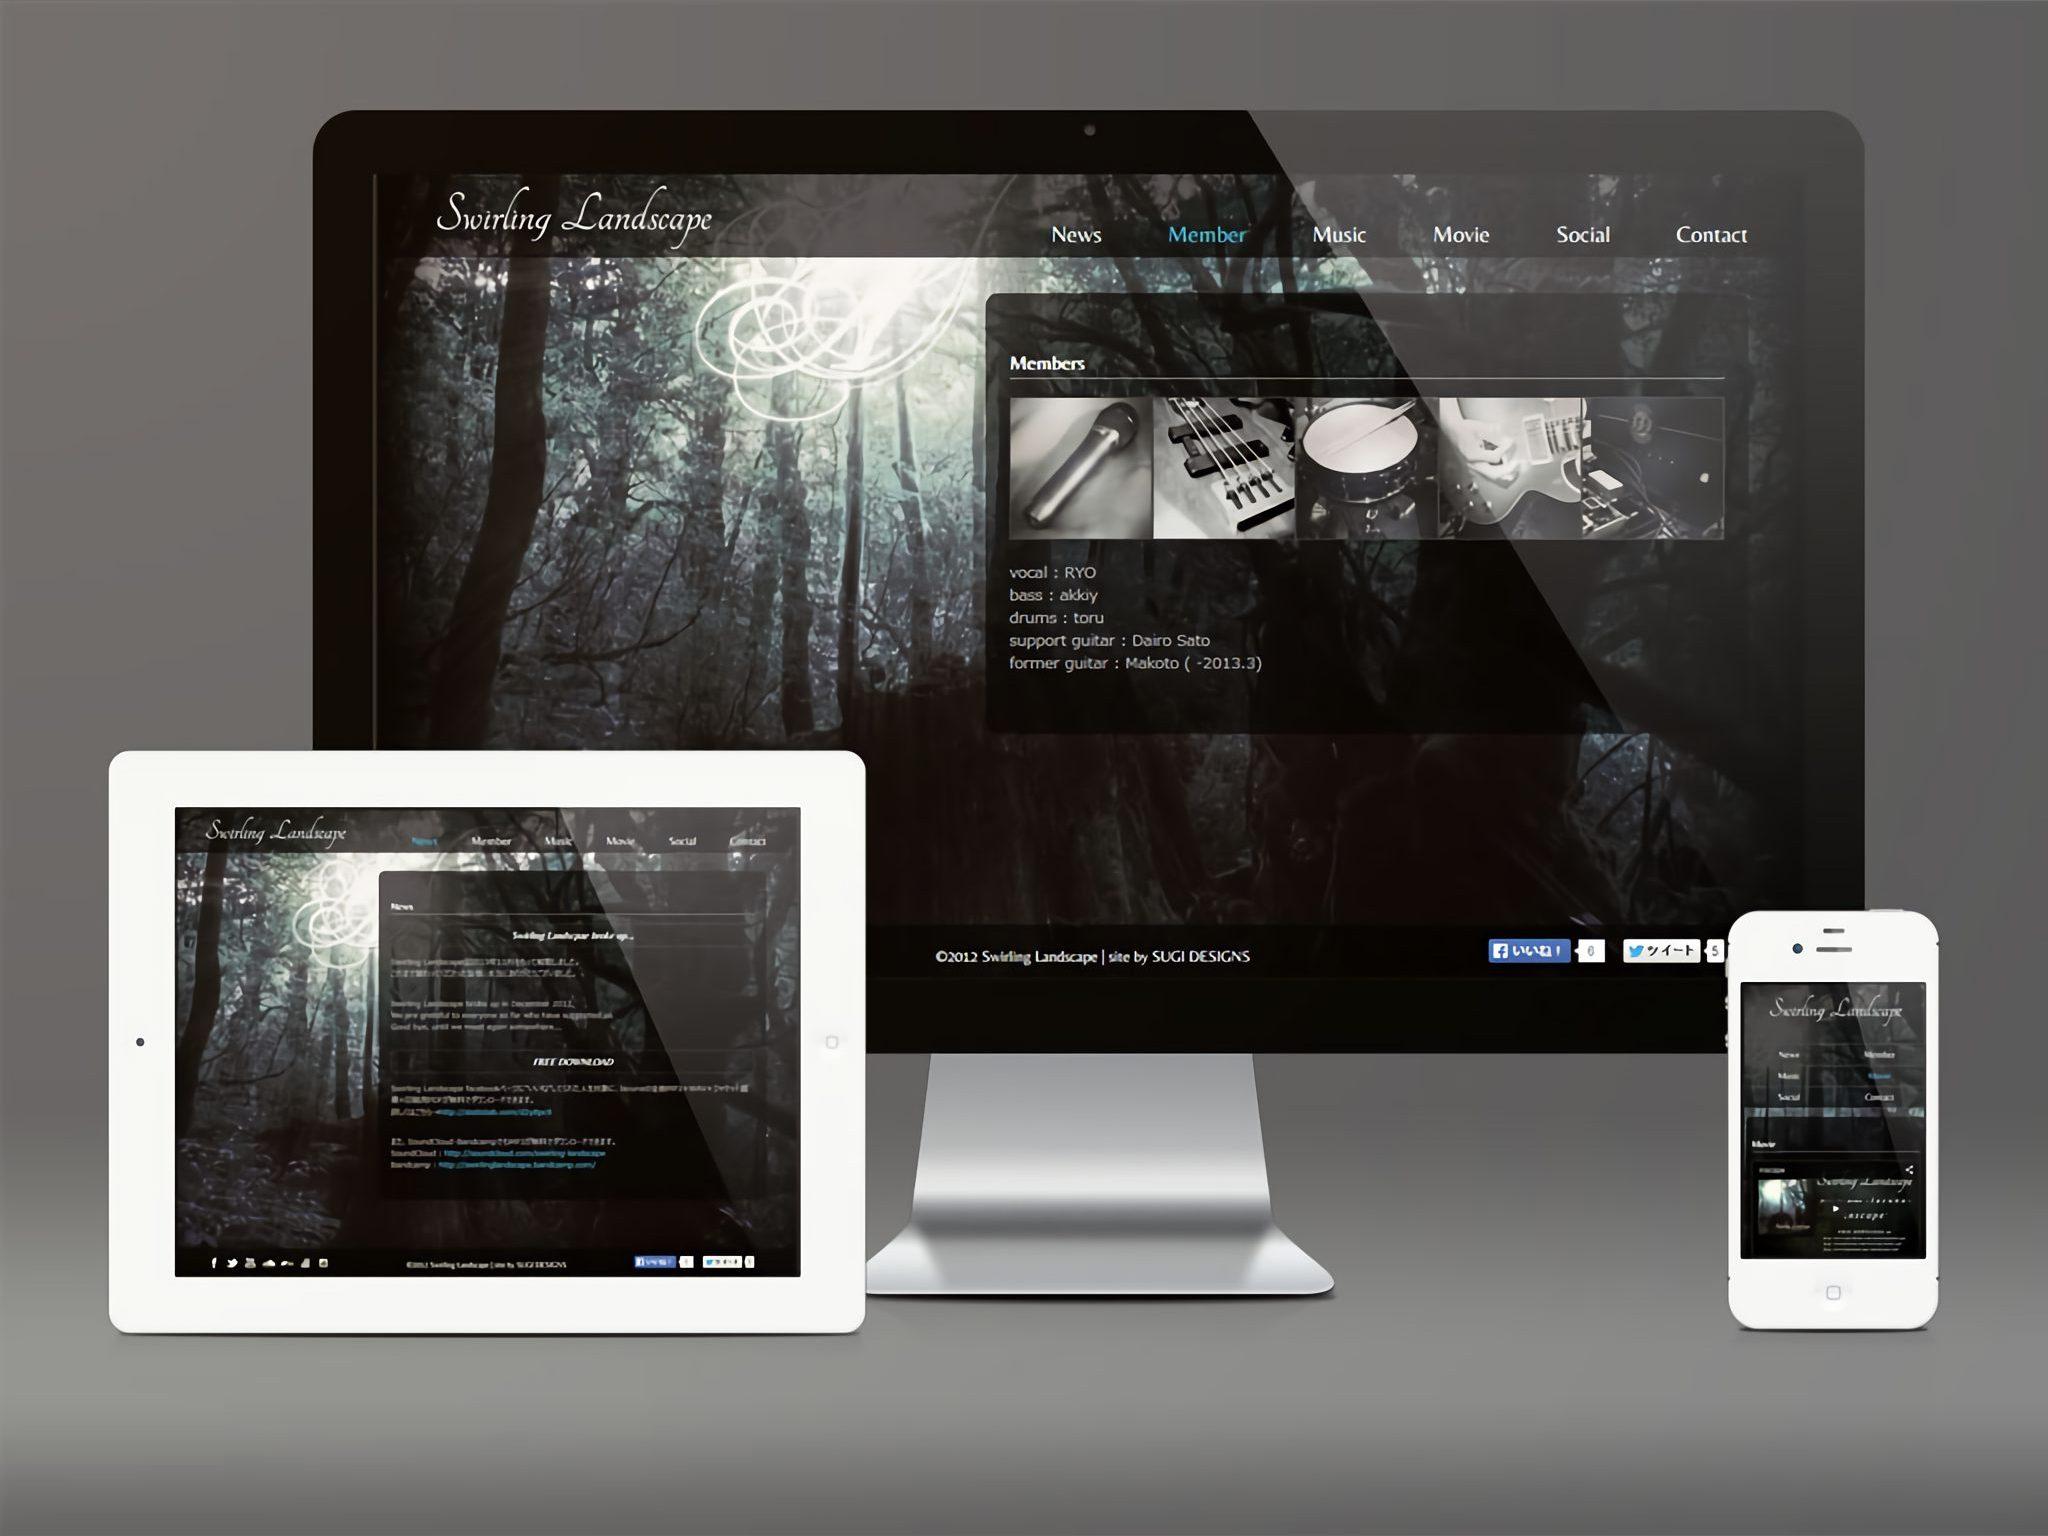 SWIRLING LANDSCAPE WEB SITE